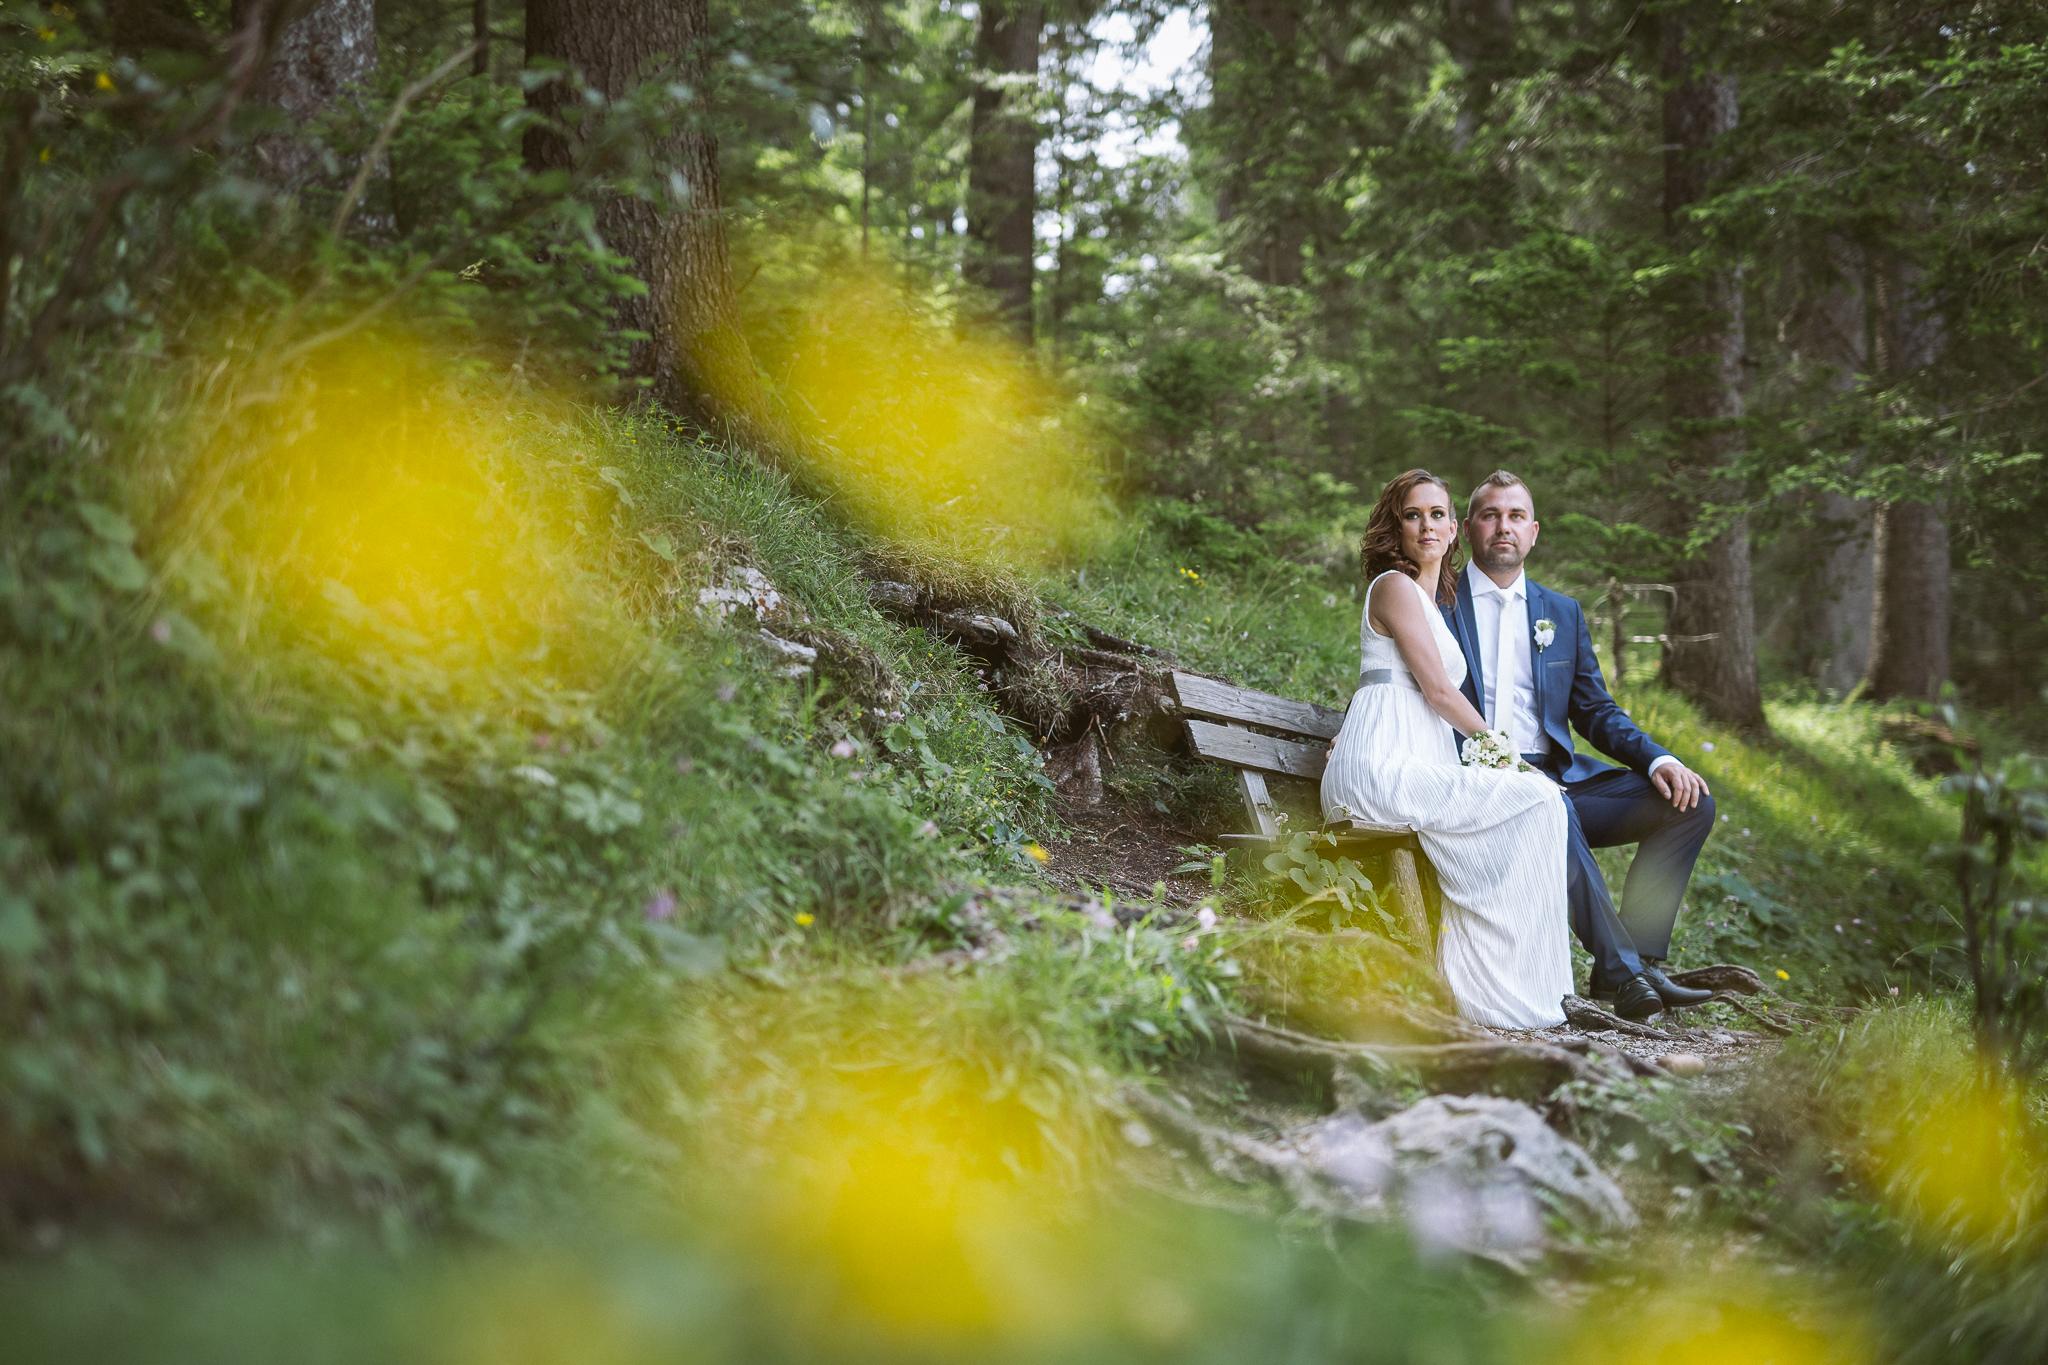 FylepPhoto, esküvőfotózás, magyarország, esküvői fotós, vasmegye, prémium, jegyesfotózás, Fülöp Péter, körmend, kreatív, grüner see_34.jpg